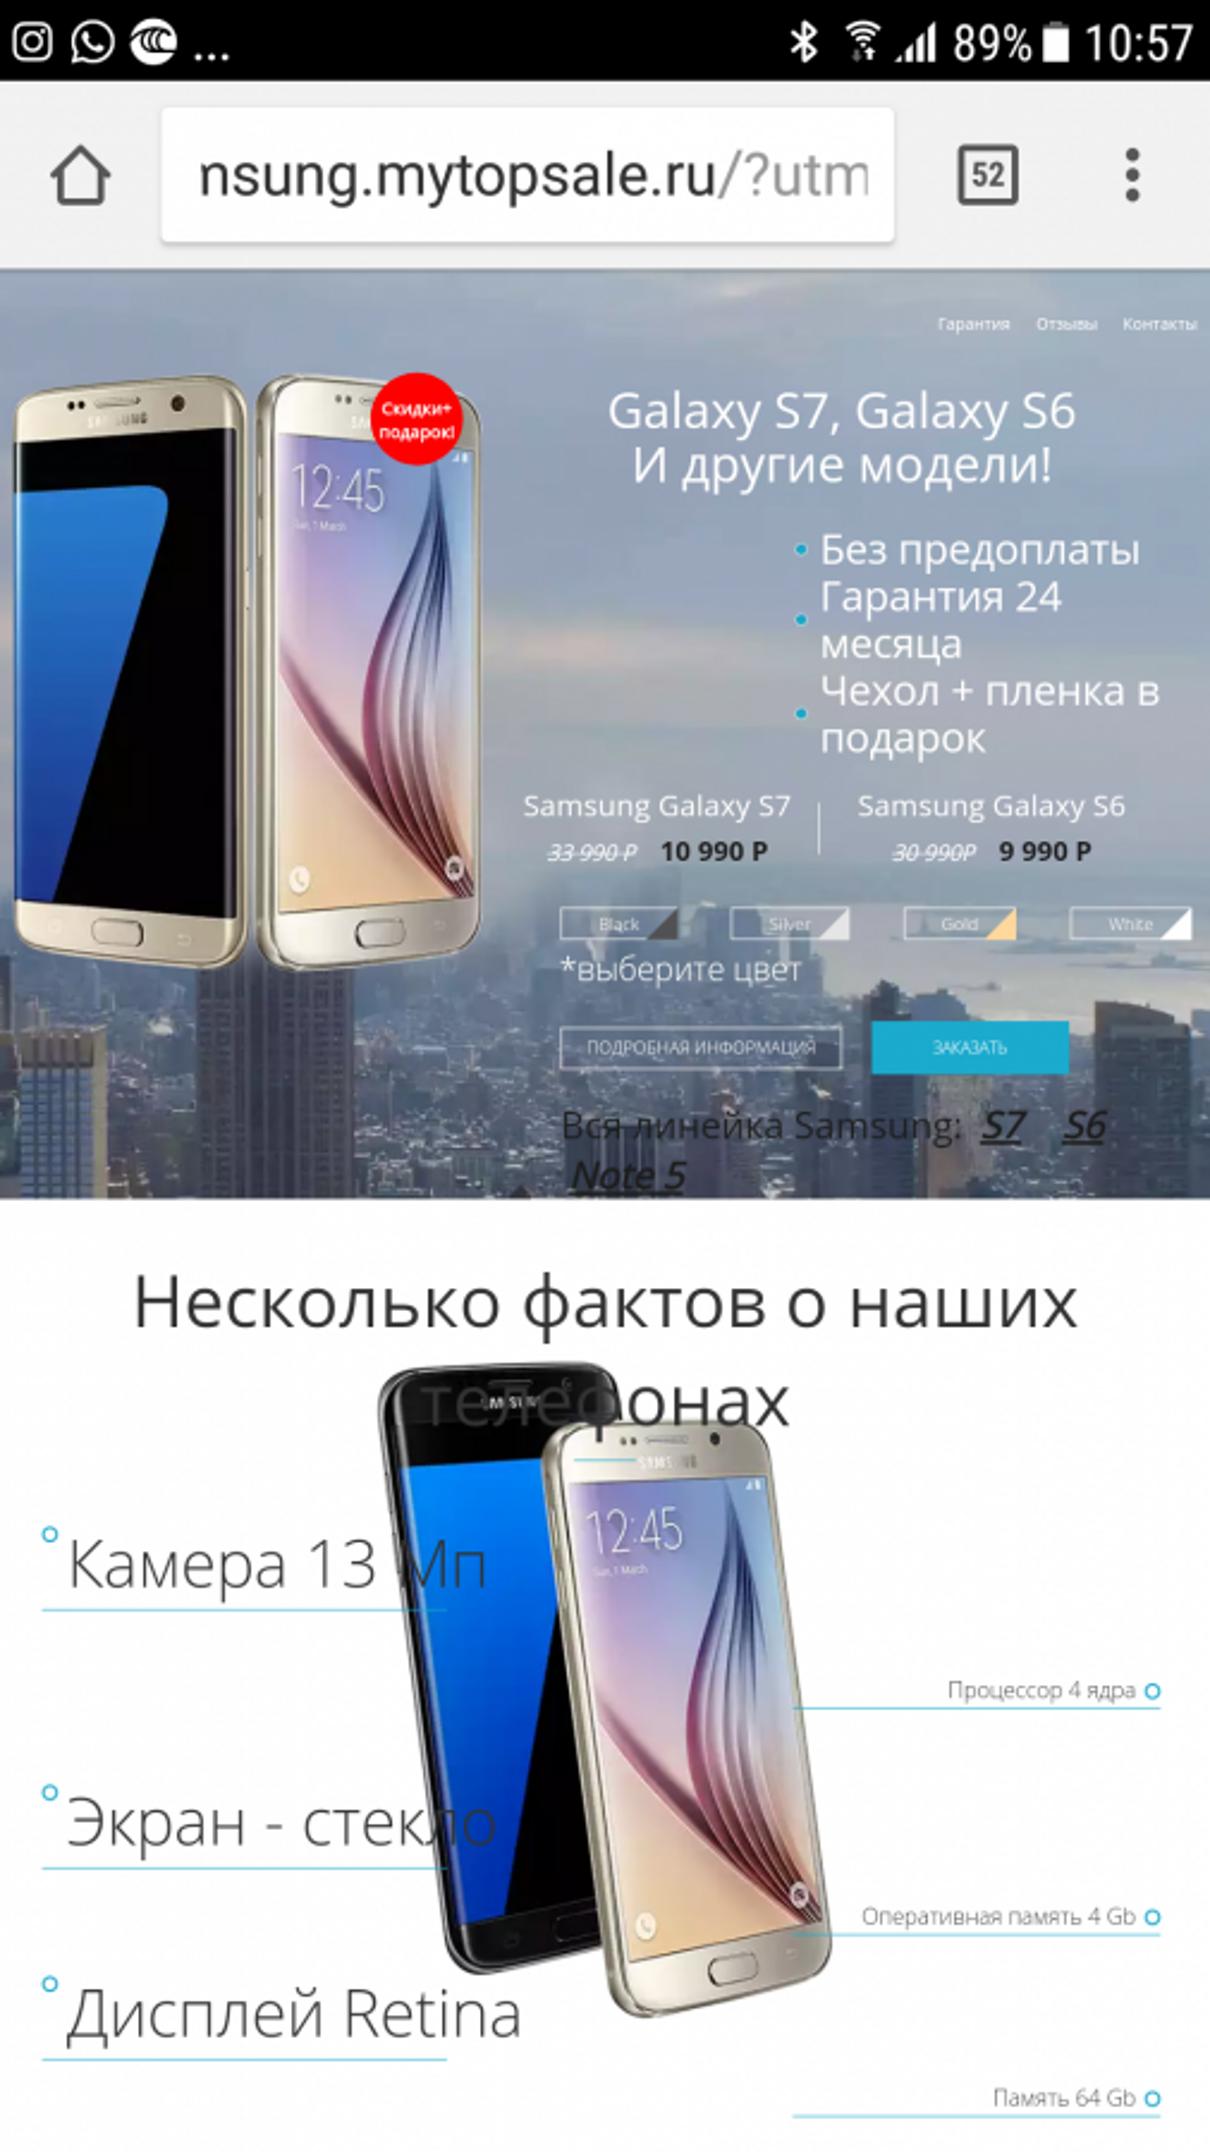 Жалоба-отзыв: Samsung.mytopsale.ru - Samsung.mytopsale.ru очередной сайт мошенников.  Фото №1